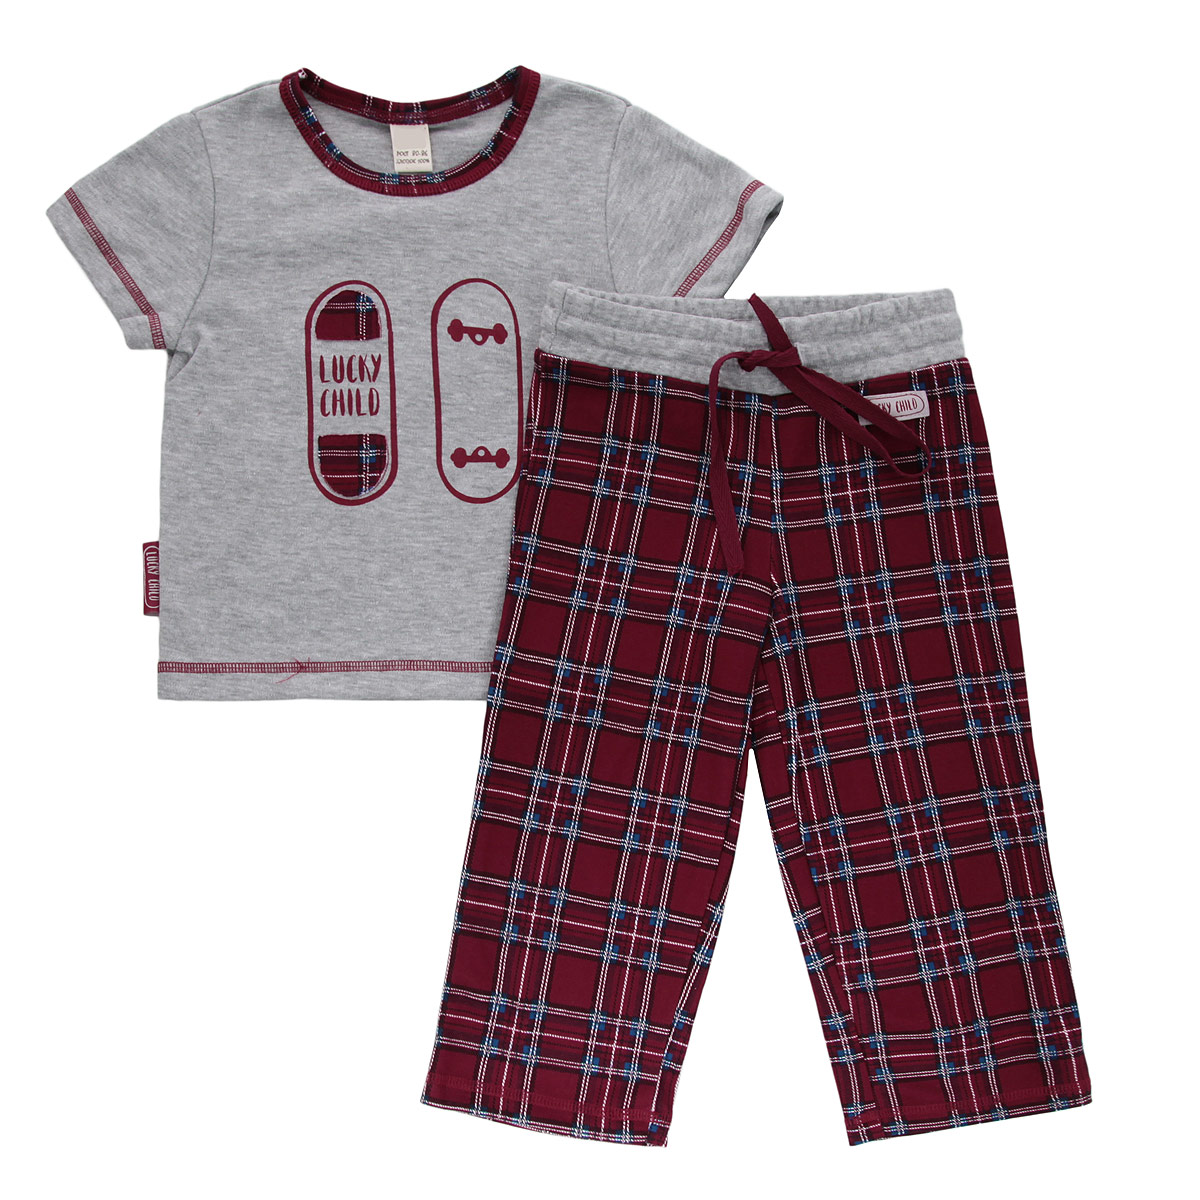 Пижама для мальчика Lucky Child, цвет: красный, серый. 13-402. Размер 110/11613-402Очаровательная пижама для мальчика Lucky Child, состоящая из футболки и брюк, идеально подойдет вашему малышу и станет отличным дополнением к детскому гардеробу. Изготовленная из натурального хлопка - интерлока, она необычайно мягкая и приятная на ощупь, не раздражает нежную кожу ребенка и хорошо вентилируется, а эластичные швы приятны телу малыша и не препятствуют его движениям. Футболка с короткими рукавами и круглым вырезом горловины оформлена спереди оригинальной аппликацией и принтом с изображением скейтборда. Вырез горловины дополнен контрастной бейкой, оформленной принтом в клетку. Низ рукавов и низ модели украшены контрастной фигурной прострочкой. Брюки прямого кроя на талии имеют широкий эластичный пояс со шнурком, благодаря чему они не сдавливают животик ребенка и не сползают. Оформлены брюки принтом в клетку и украшены небольшой нашивкой с названием бренда. Такая пижама идеально подойдет вашему малышу, а мягкие полотна позволят маленькому непоседе комфортно чувствовать себя во время сна!